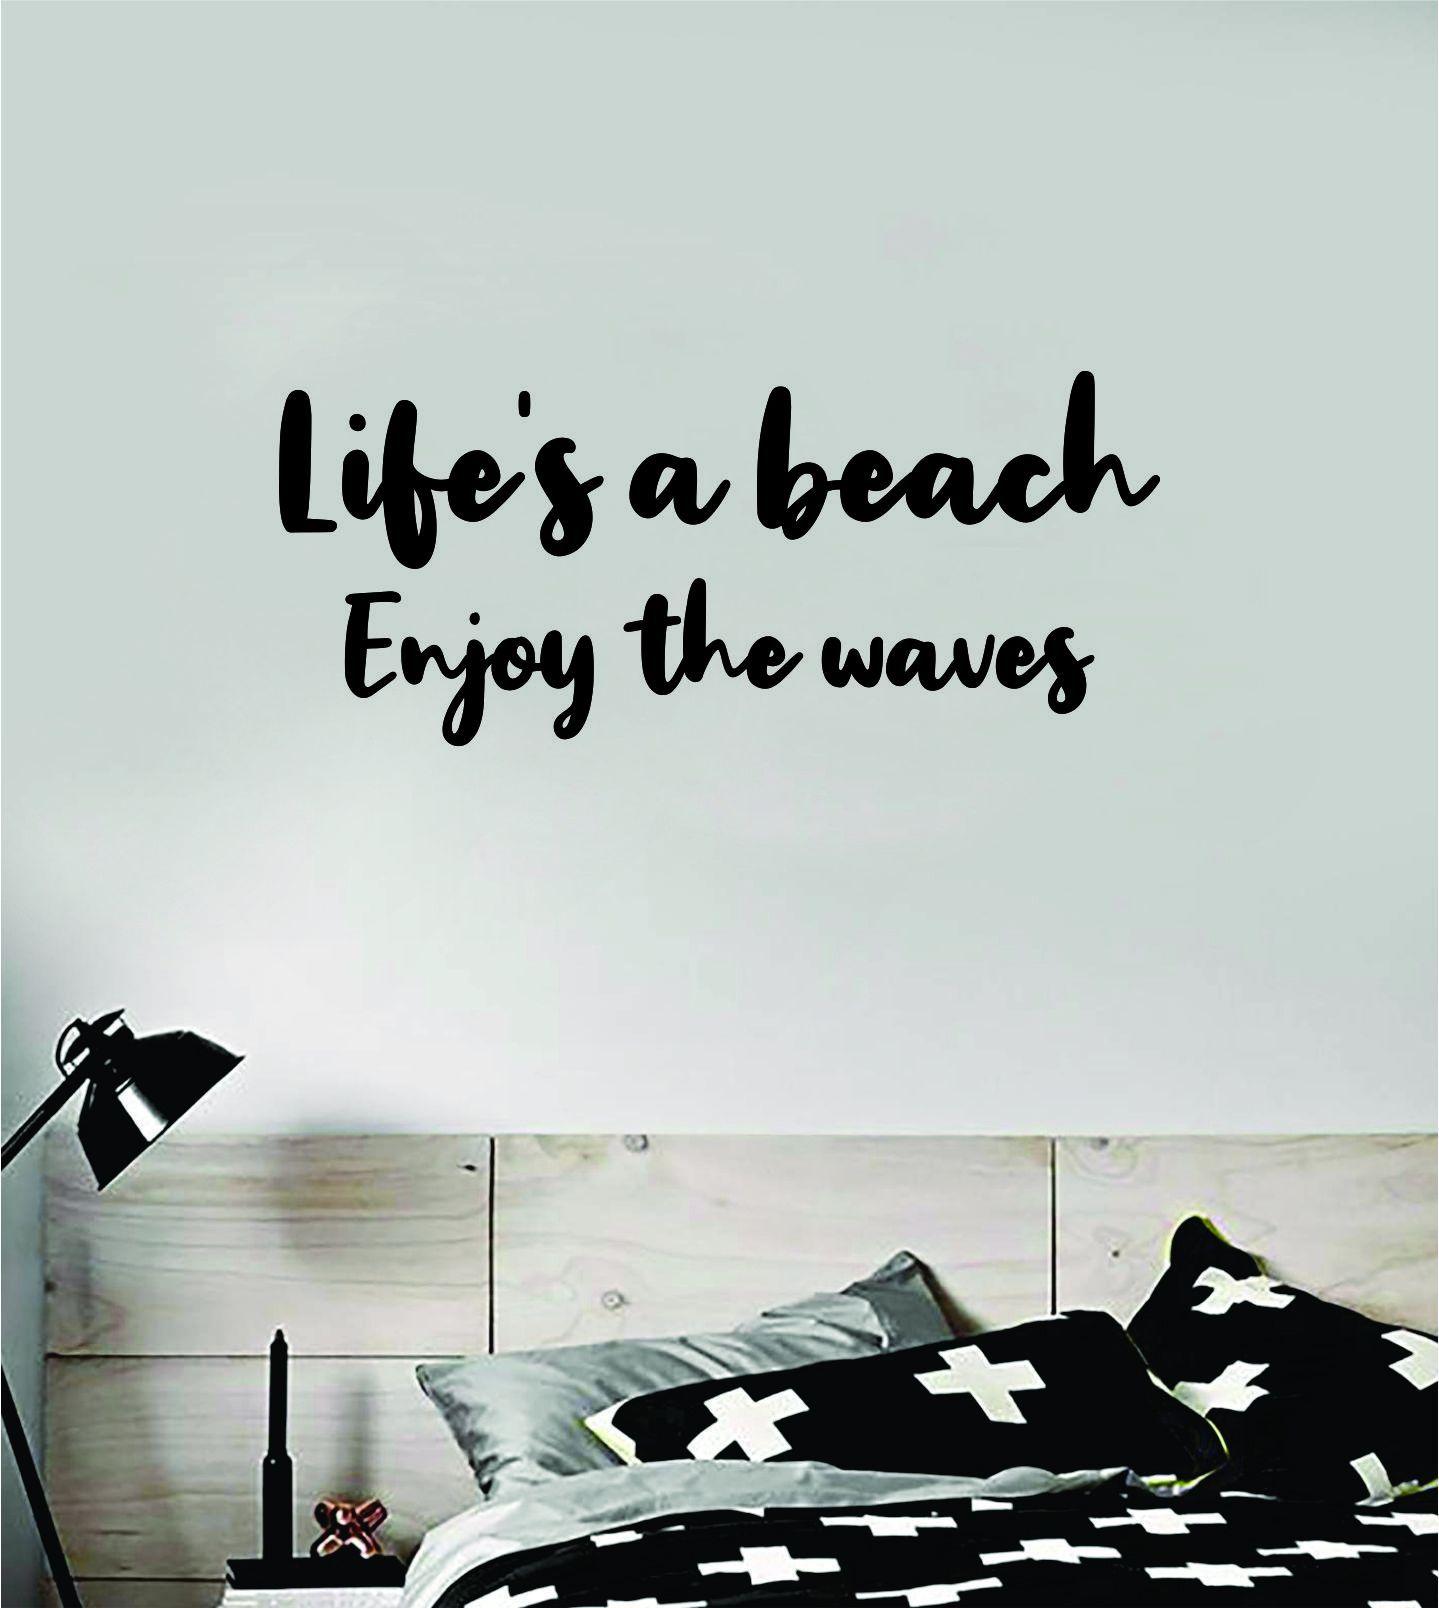 Life's a Beach Enjoy the Waves Wall Decal Sticker Vinyl Art Bedroom Room Home Decor Inspirational Ocean Surf Teen - gold